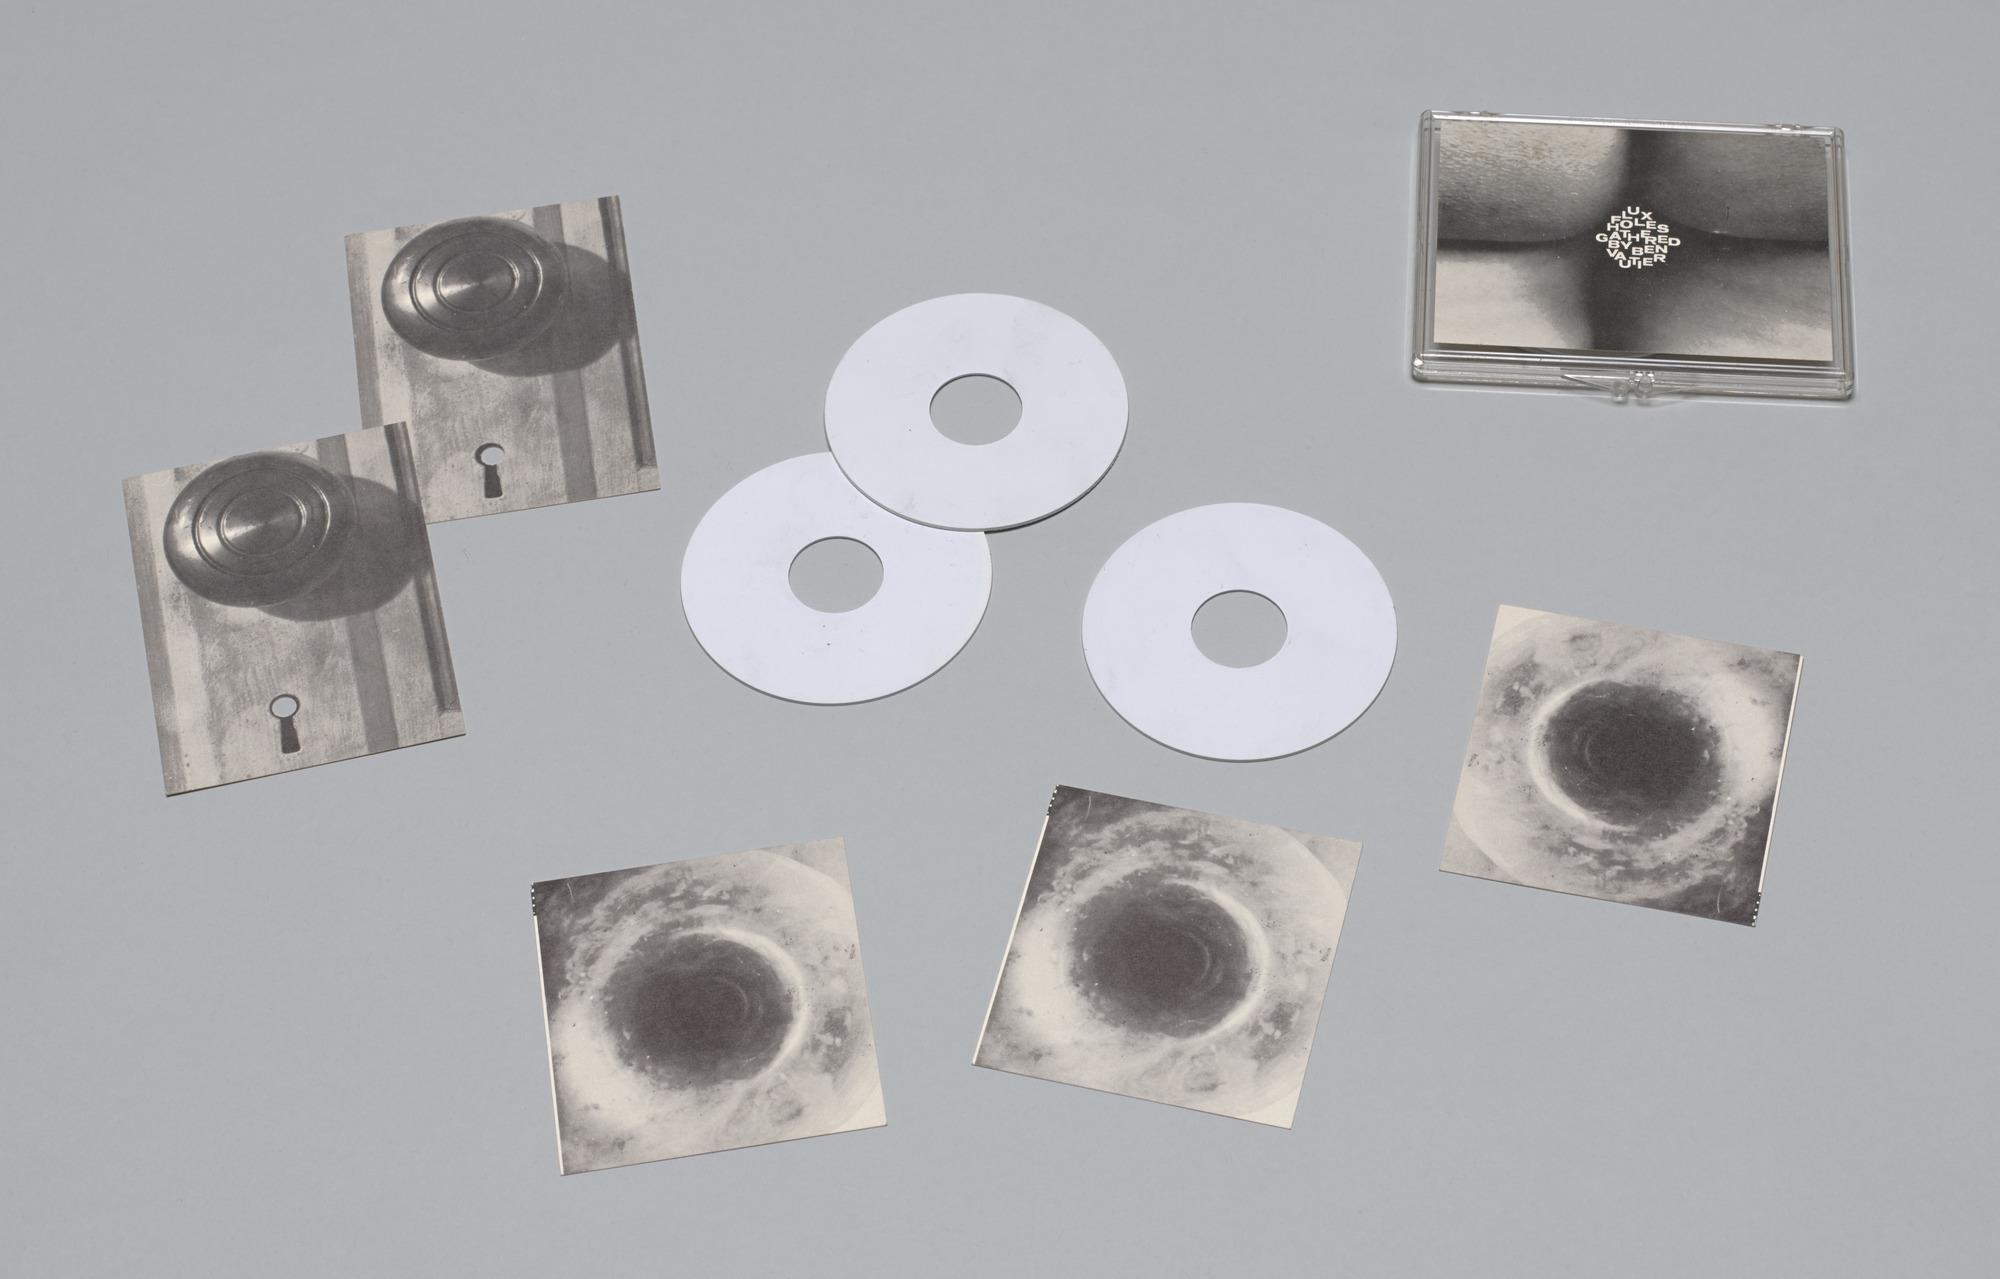 Vautier, Flux Holes, 1964